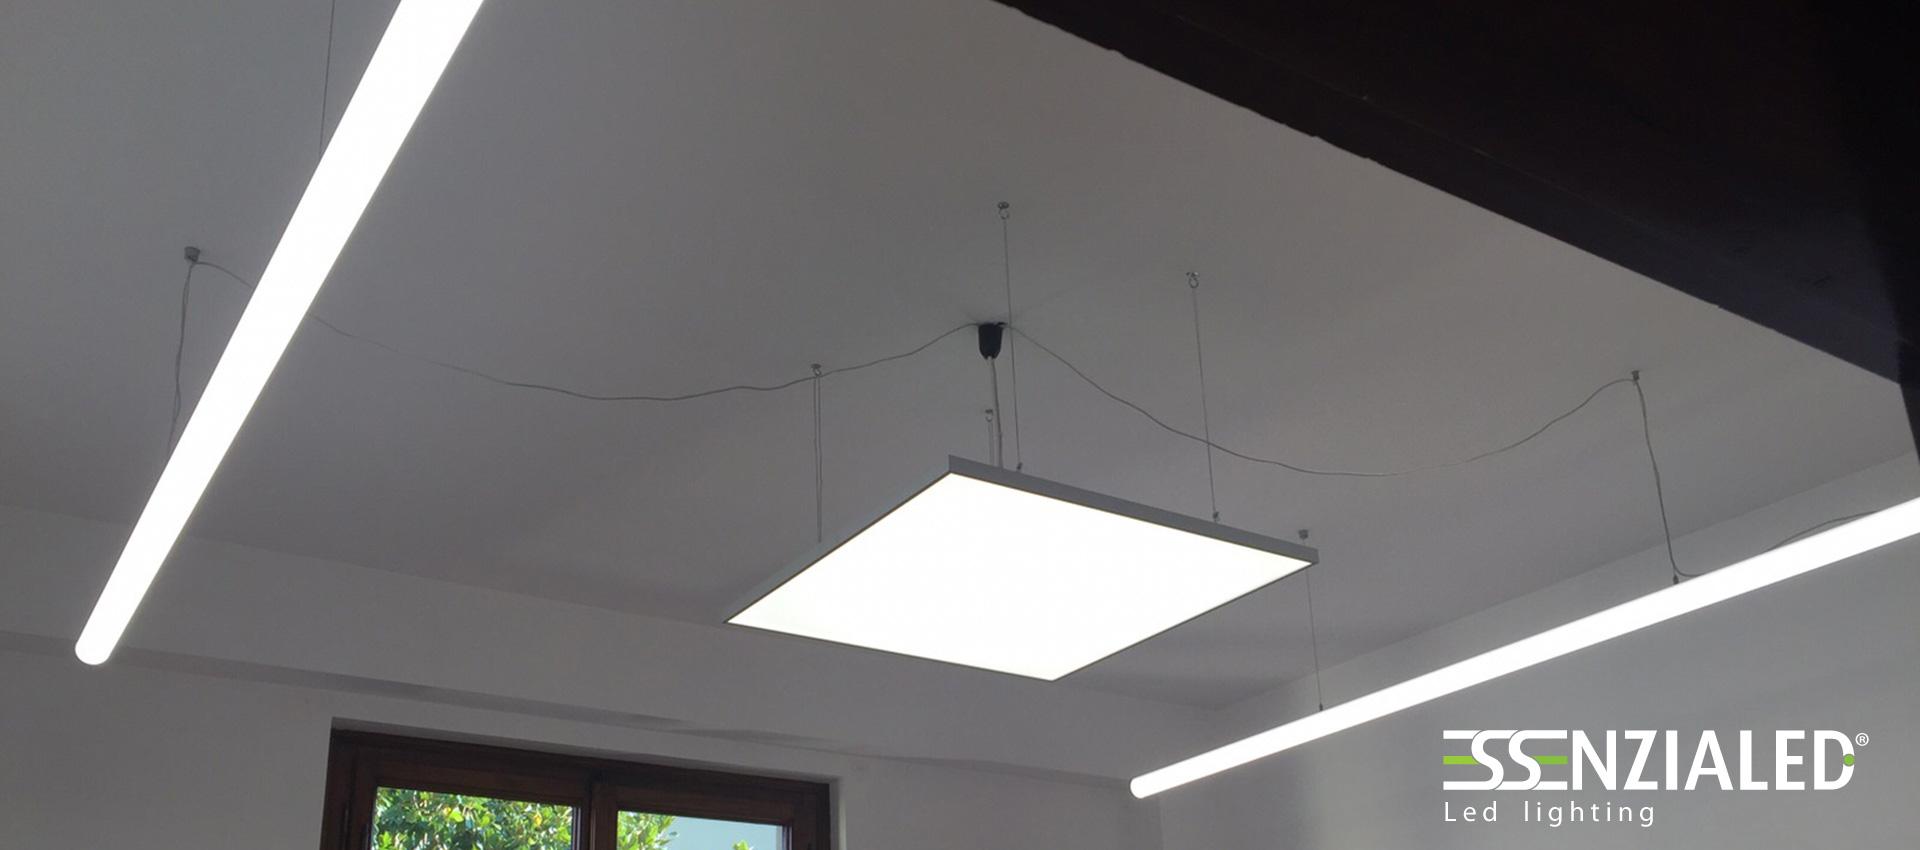 TUBE 6.0 - Tubo led sospensione tutta luceEssenzialed – Illuminazione a led